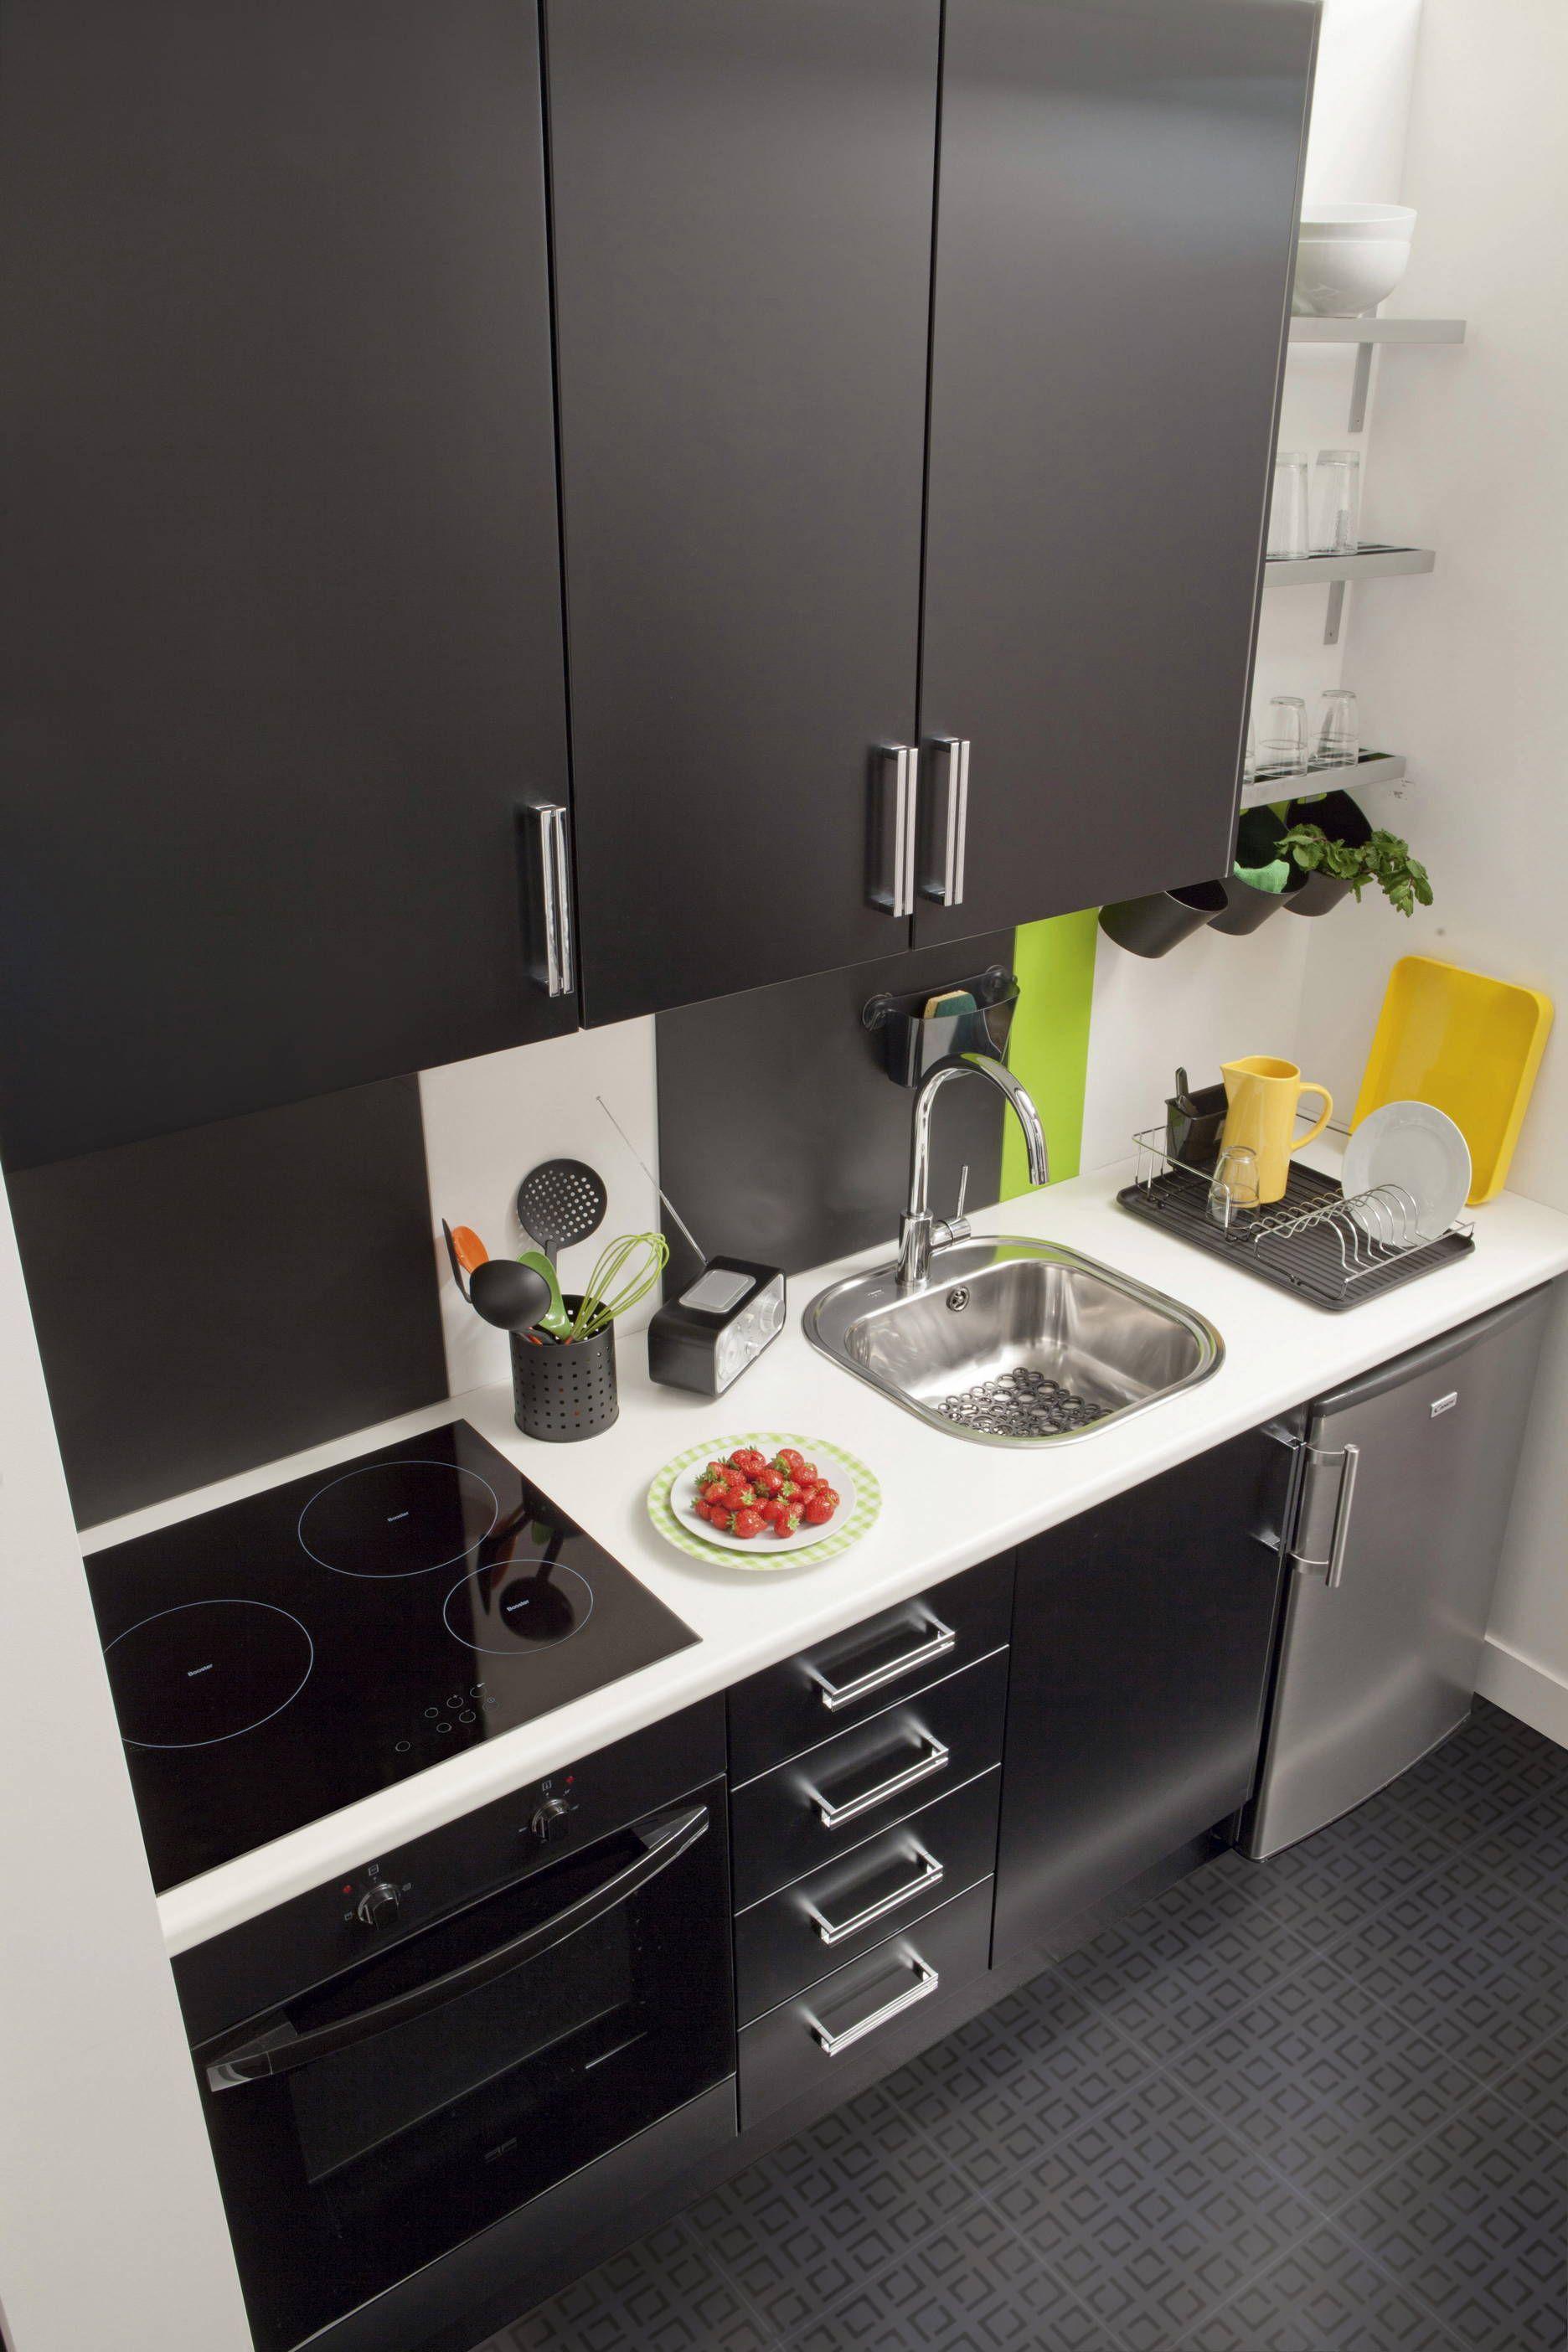 Une cuisine silencieuse grâce au système de frein de série | kitchen ...